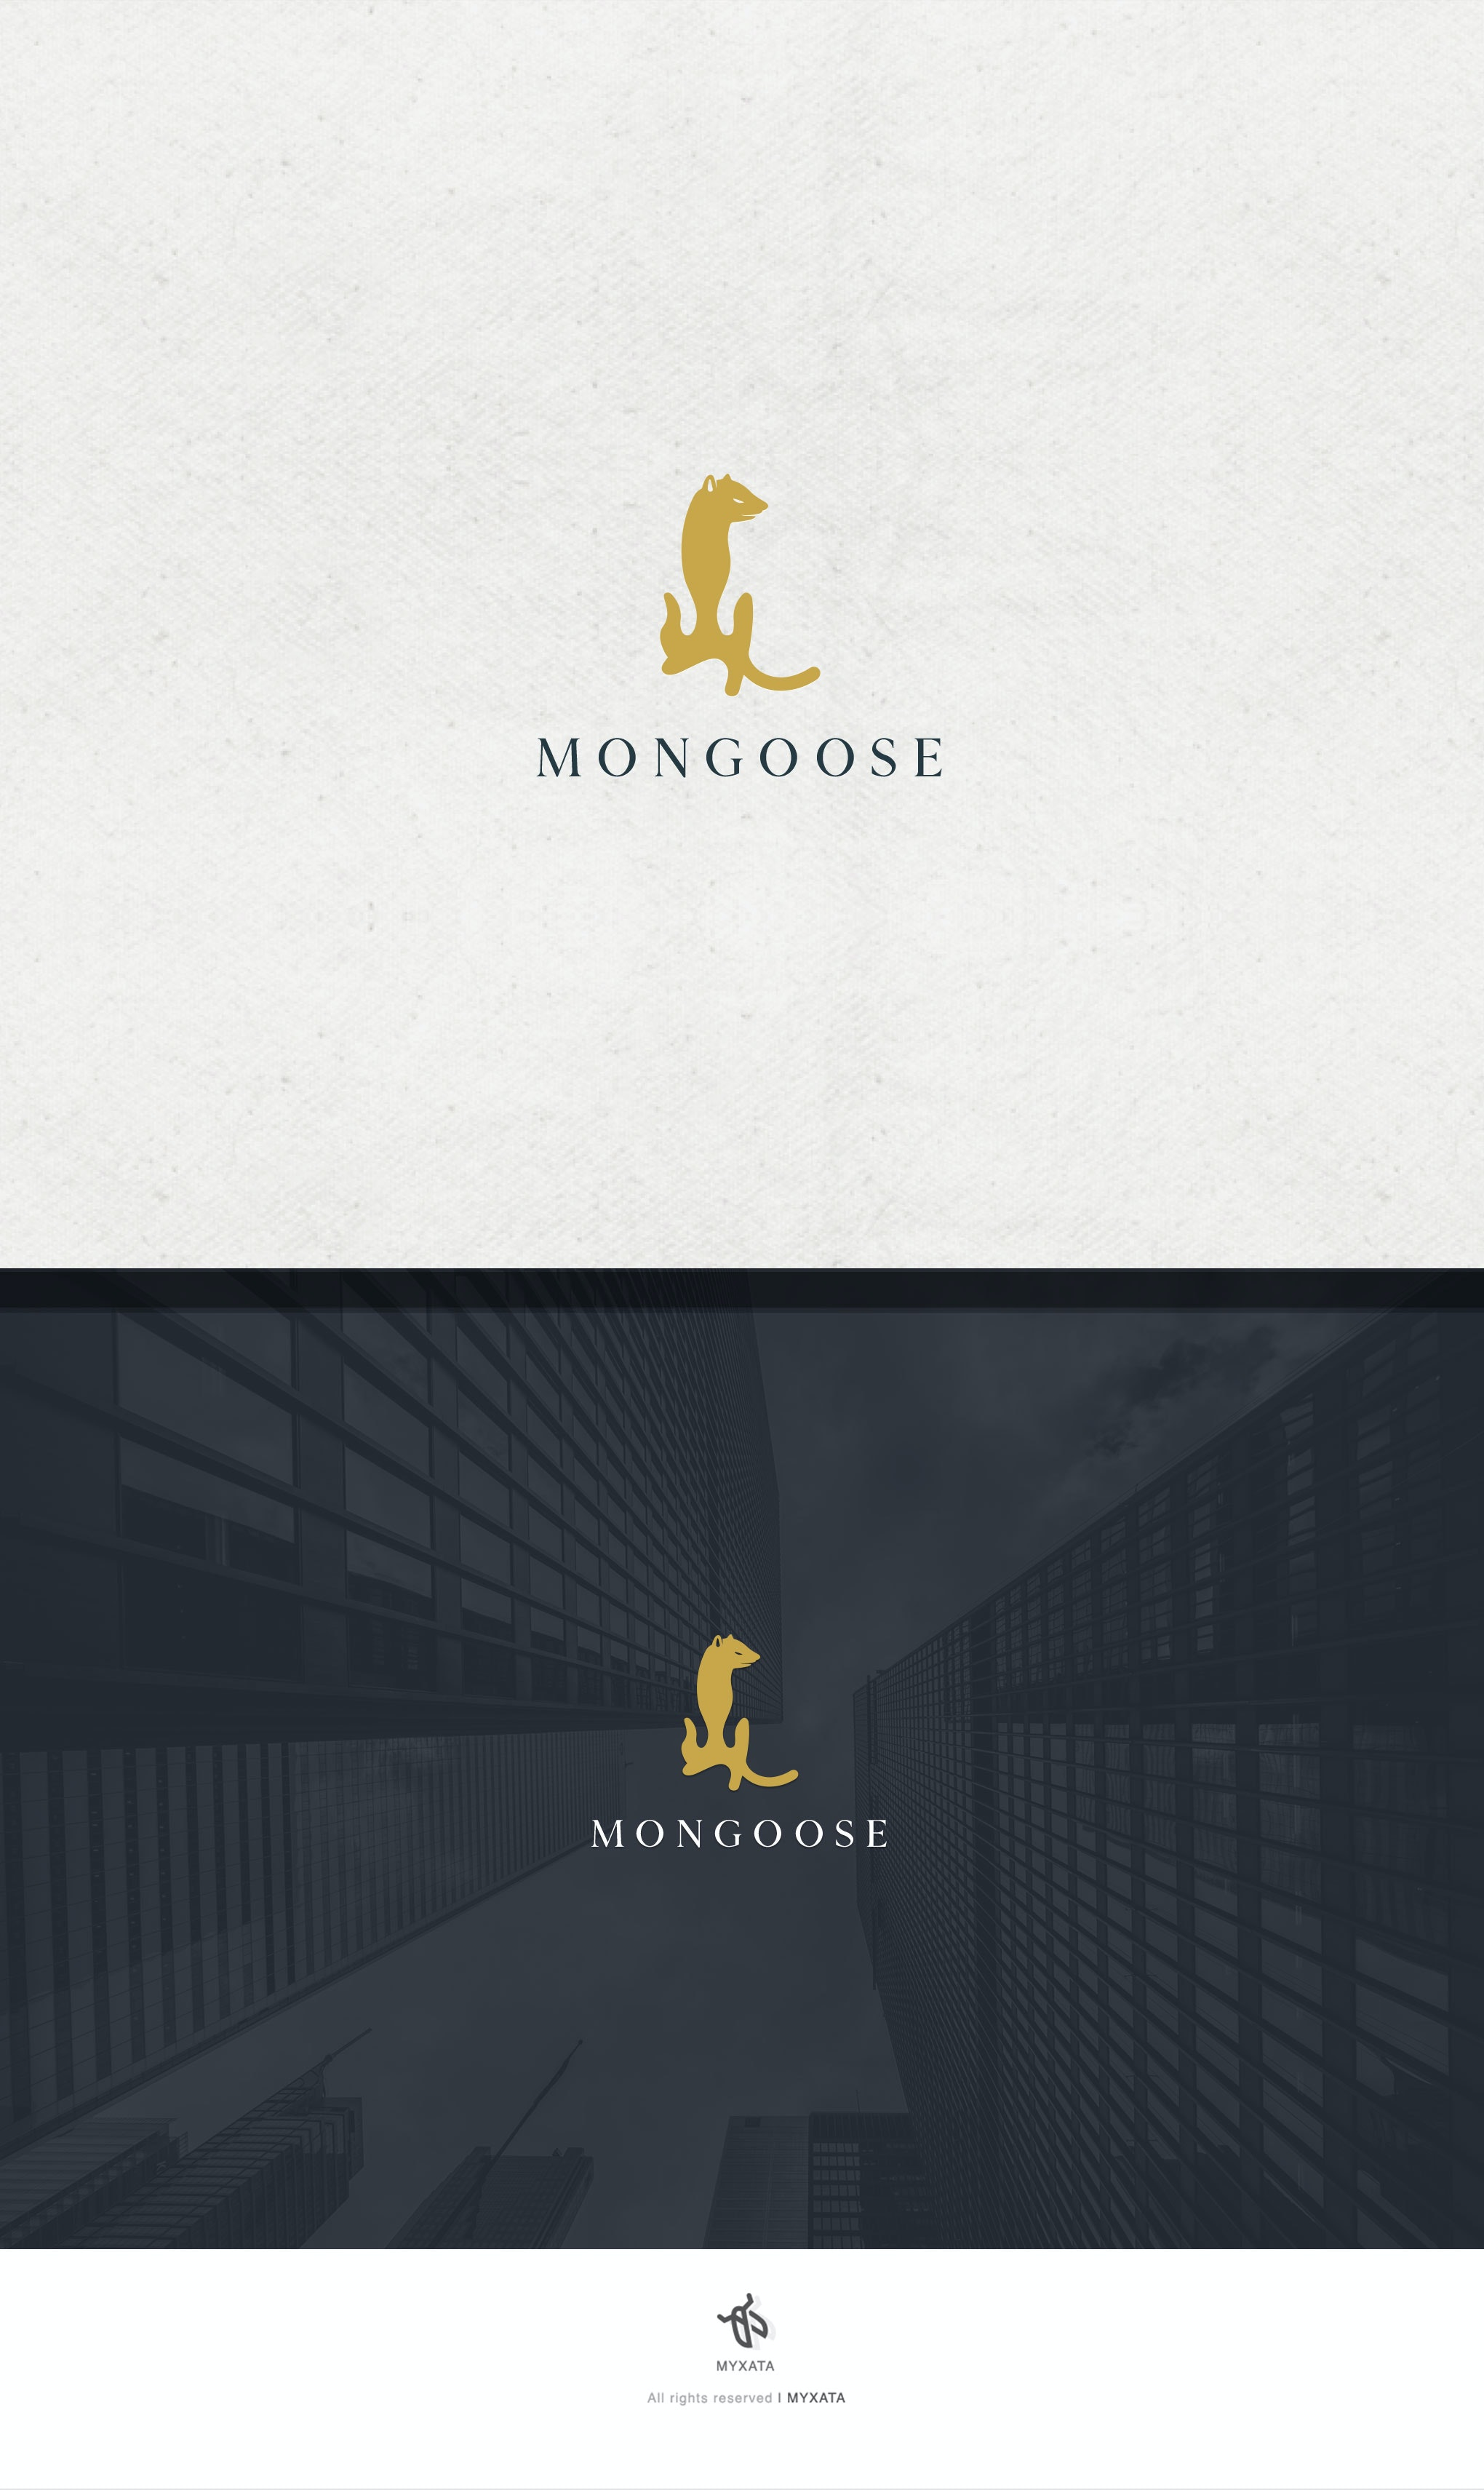 mongoose logo